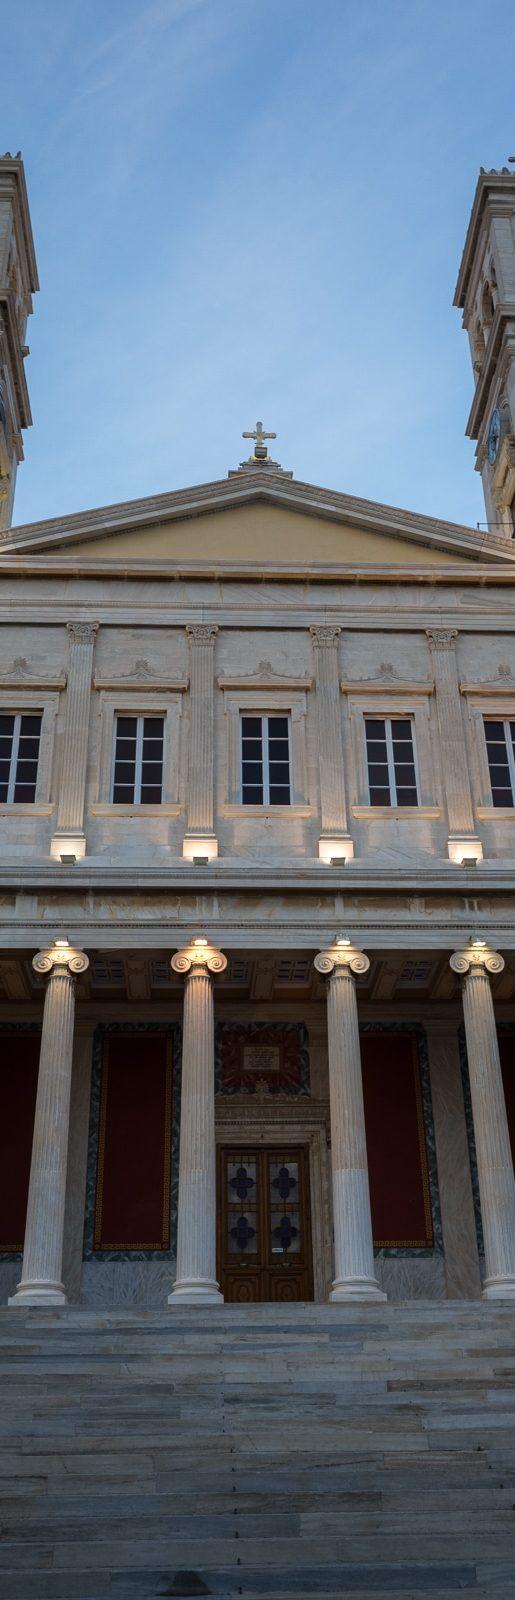 Syros St. Nicholaos Facade